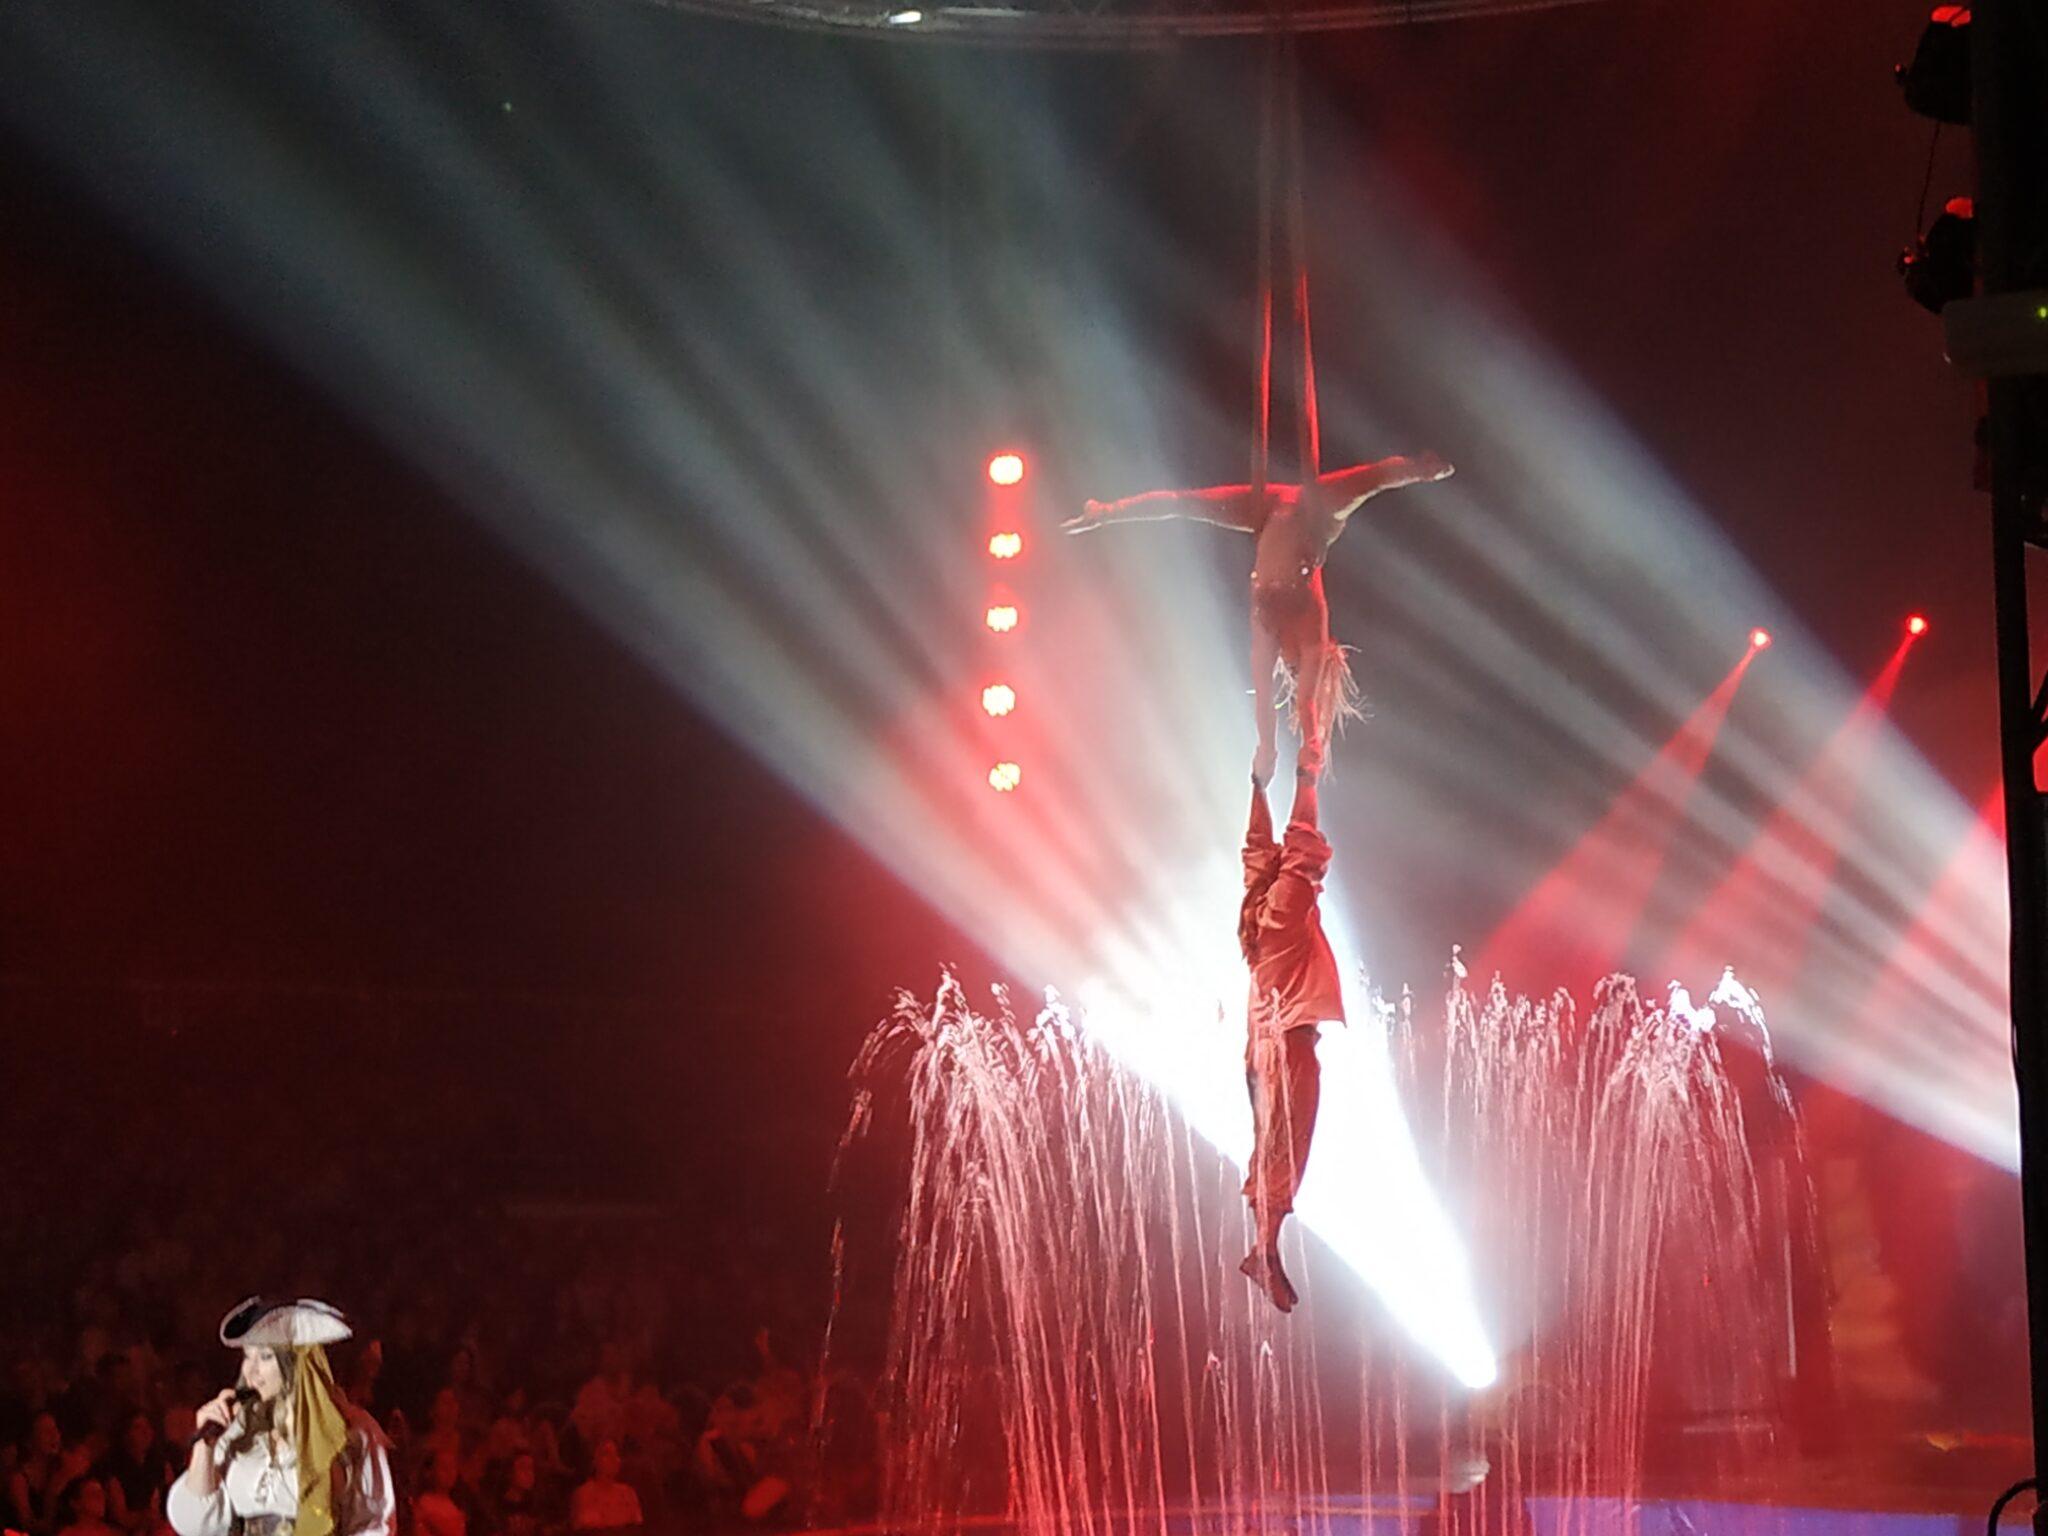 IMG 20191012 182127 - Circos sin animales. Visita el Circo sobre Agua en Madrid